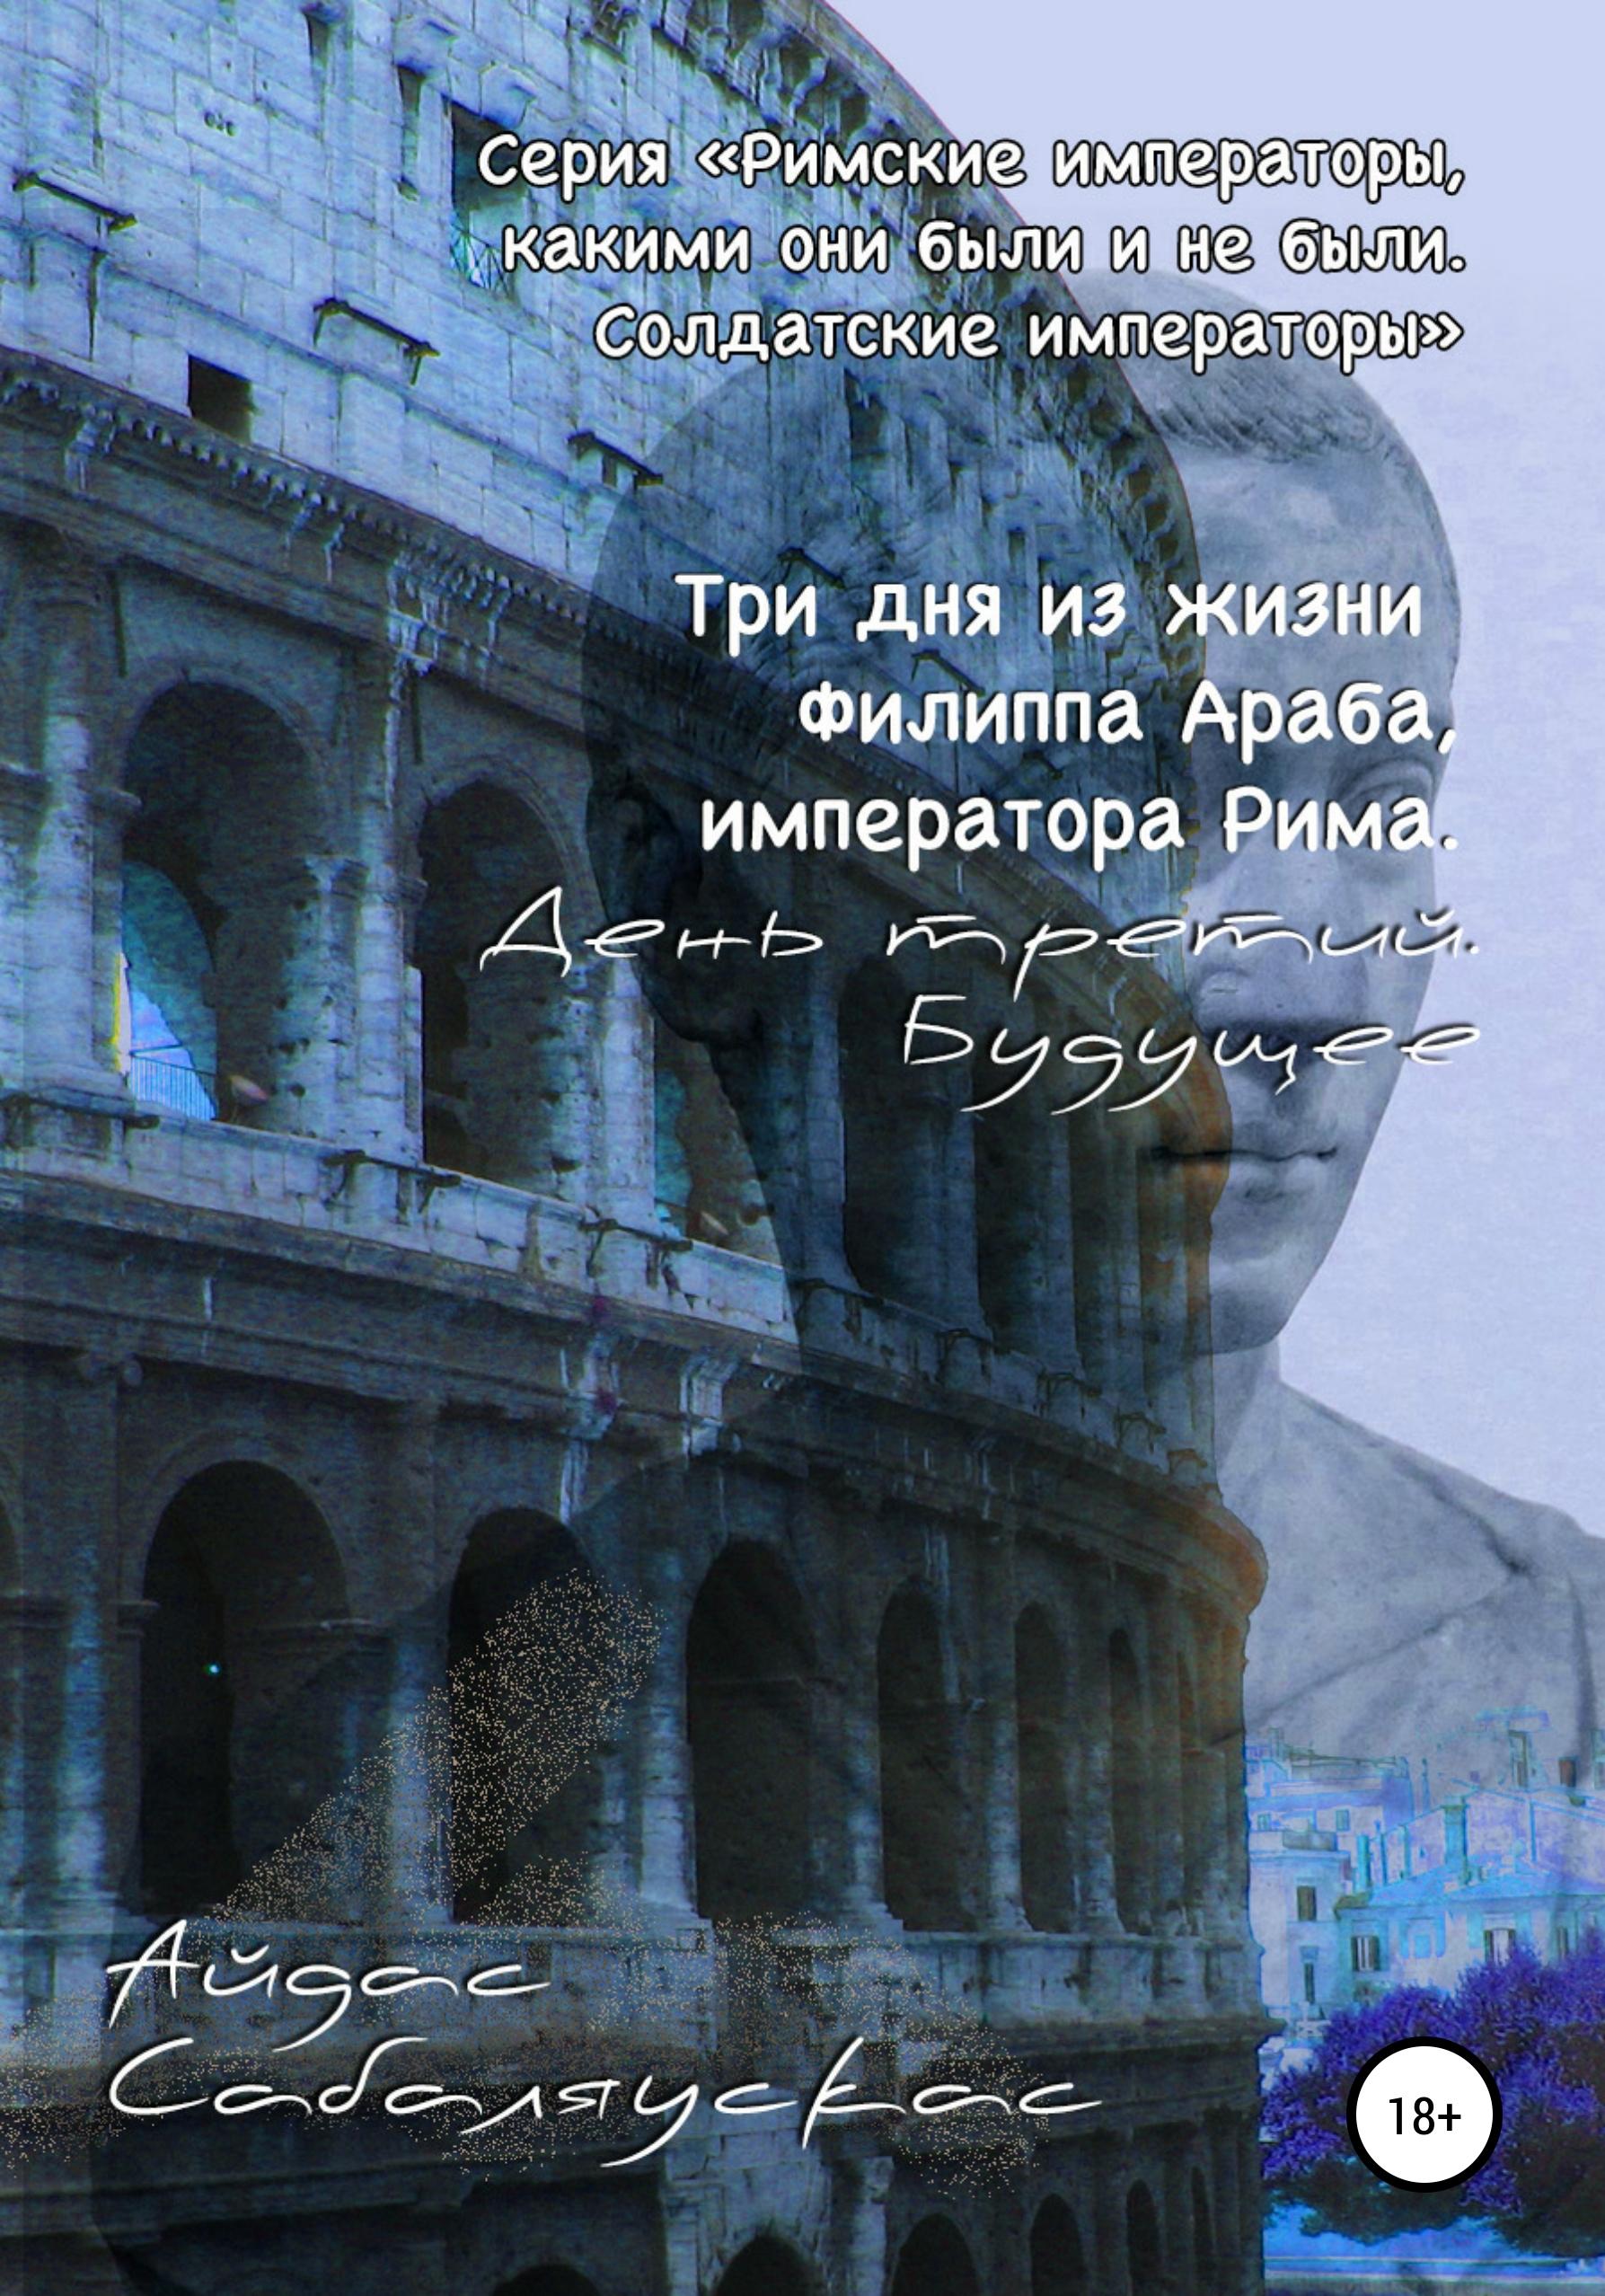 Три дня из жизни Филиппа Араба, императора Рима. День третий. Будущее